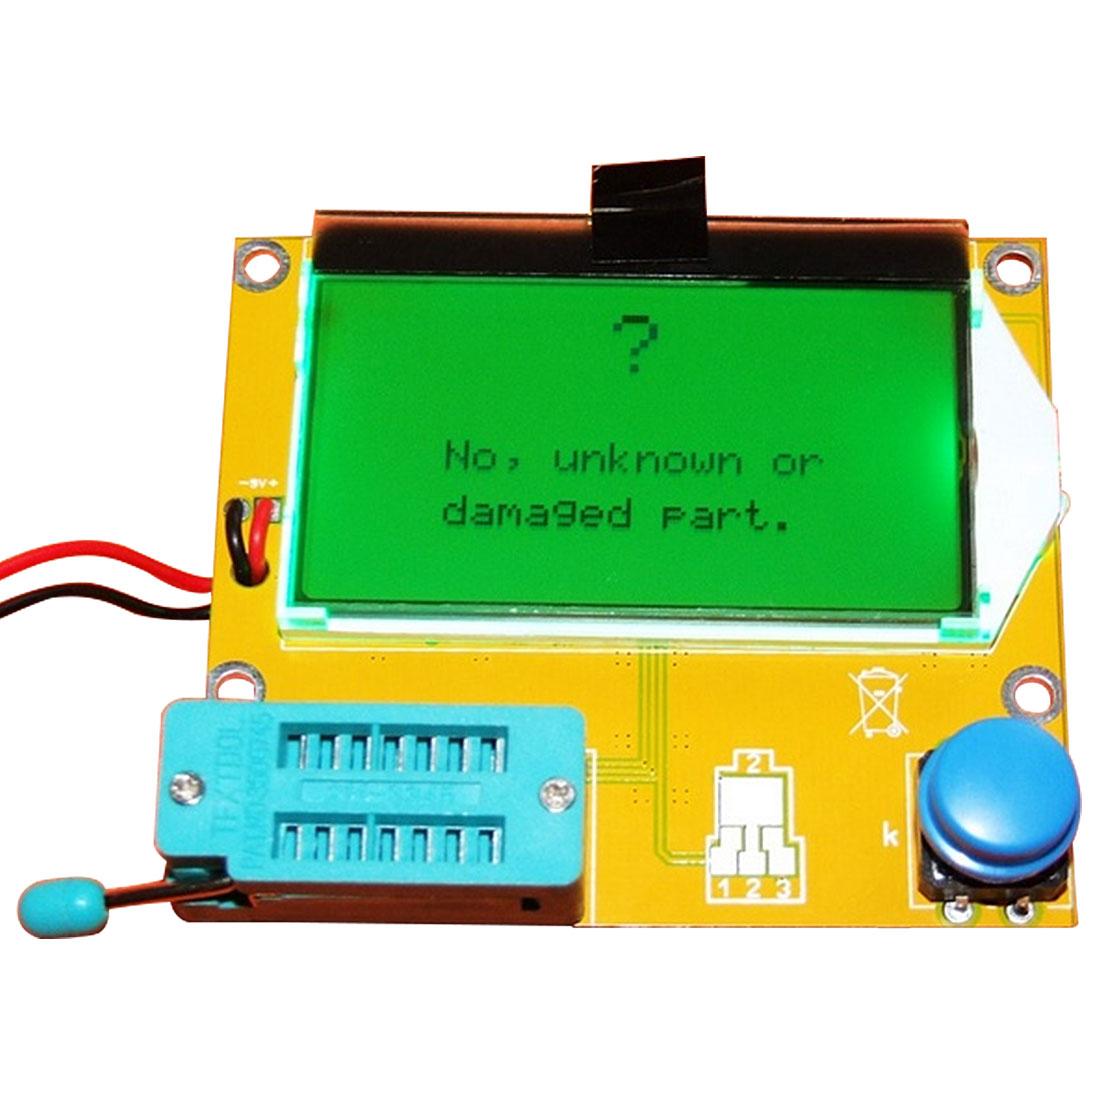 1 unid LCD Digital Transistor Tester medidor de M328 LCR-T4 retroiluminación de triodo capacitancia ESR Metro para controlador MOSFET/JFET/ PNP/NPN L/C/R